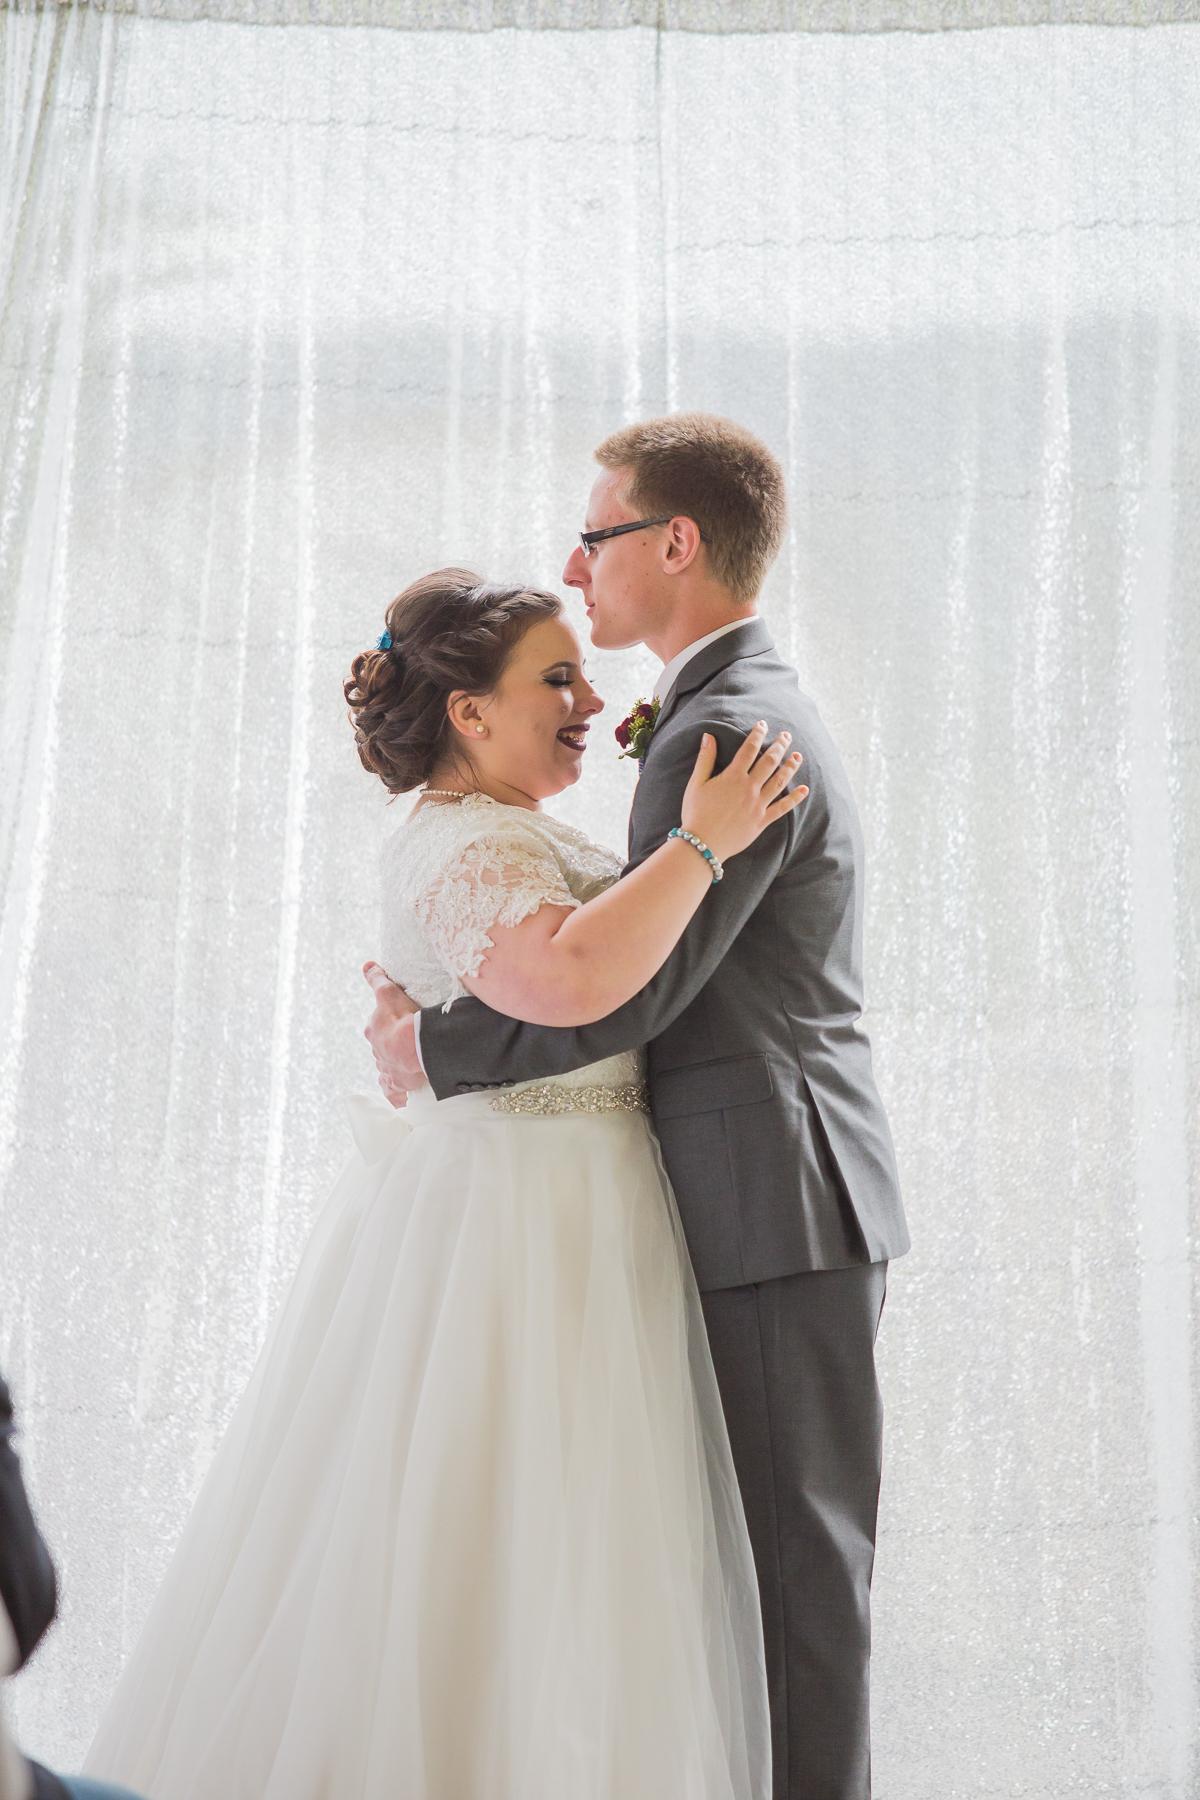 Rachel+Peter Wedding-55.jpg